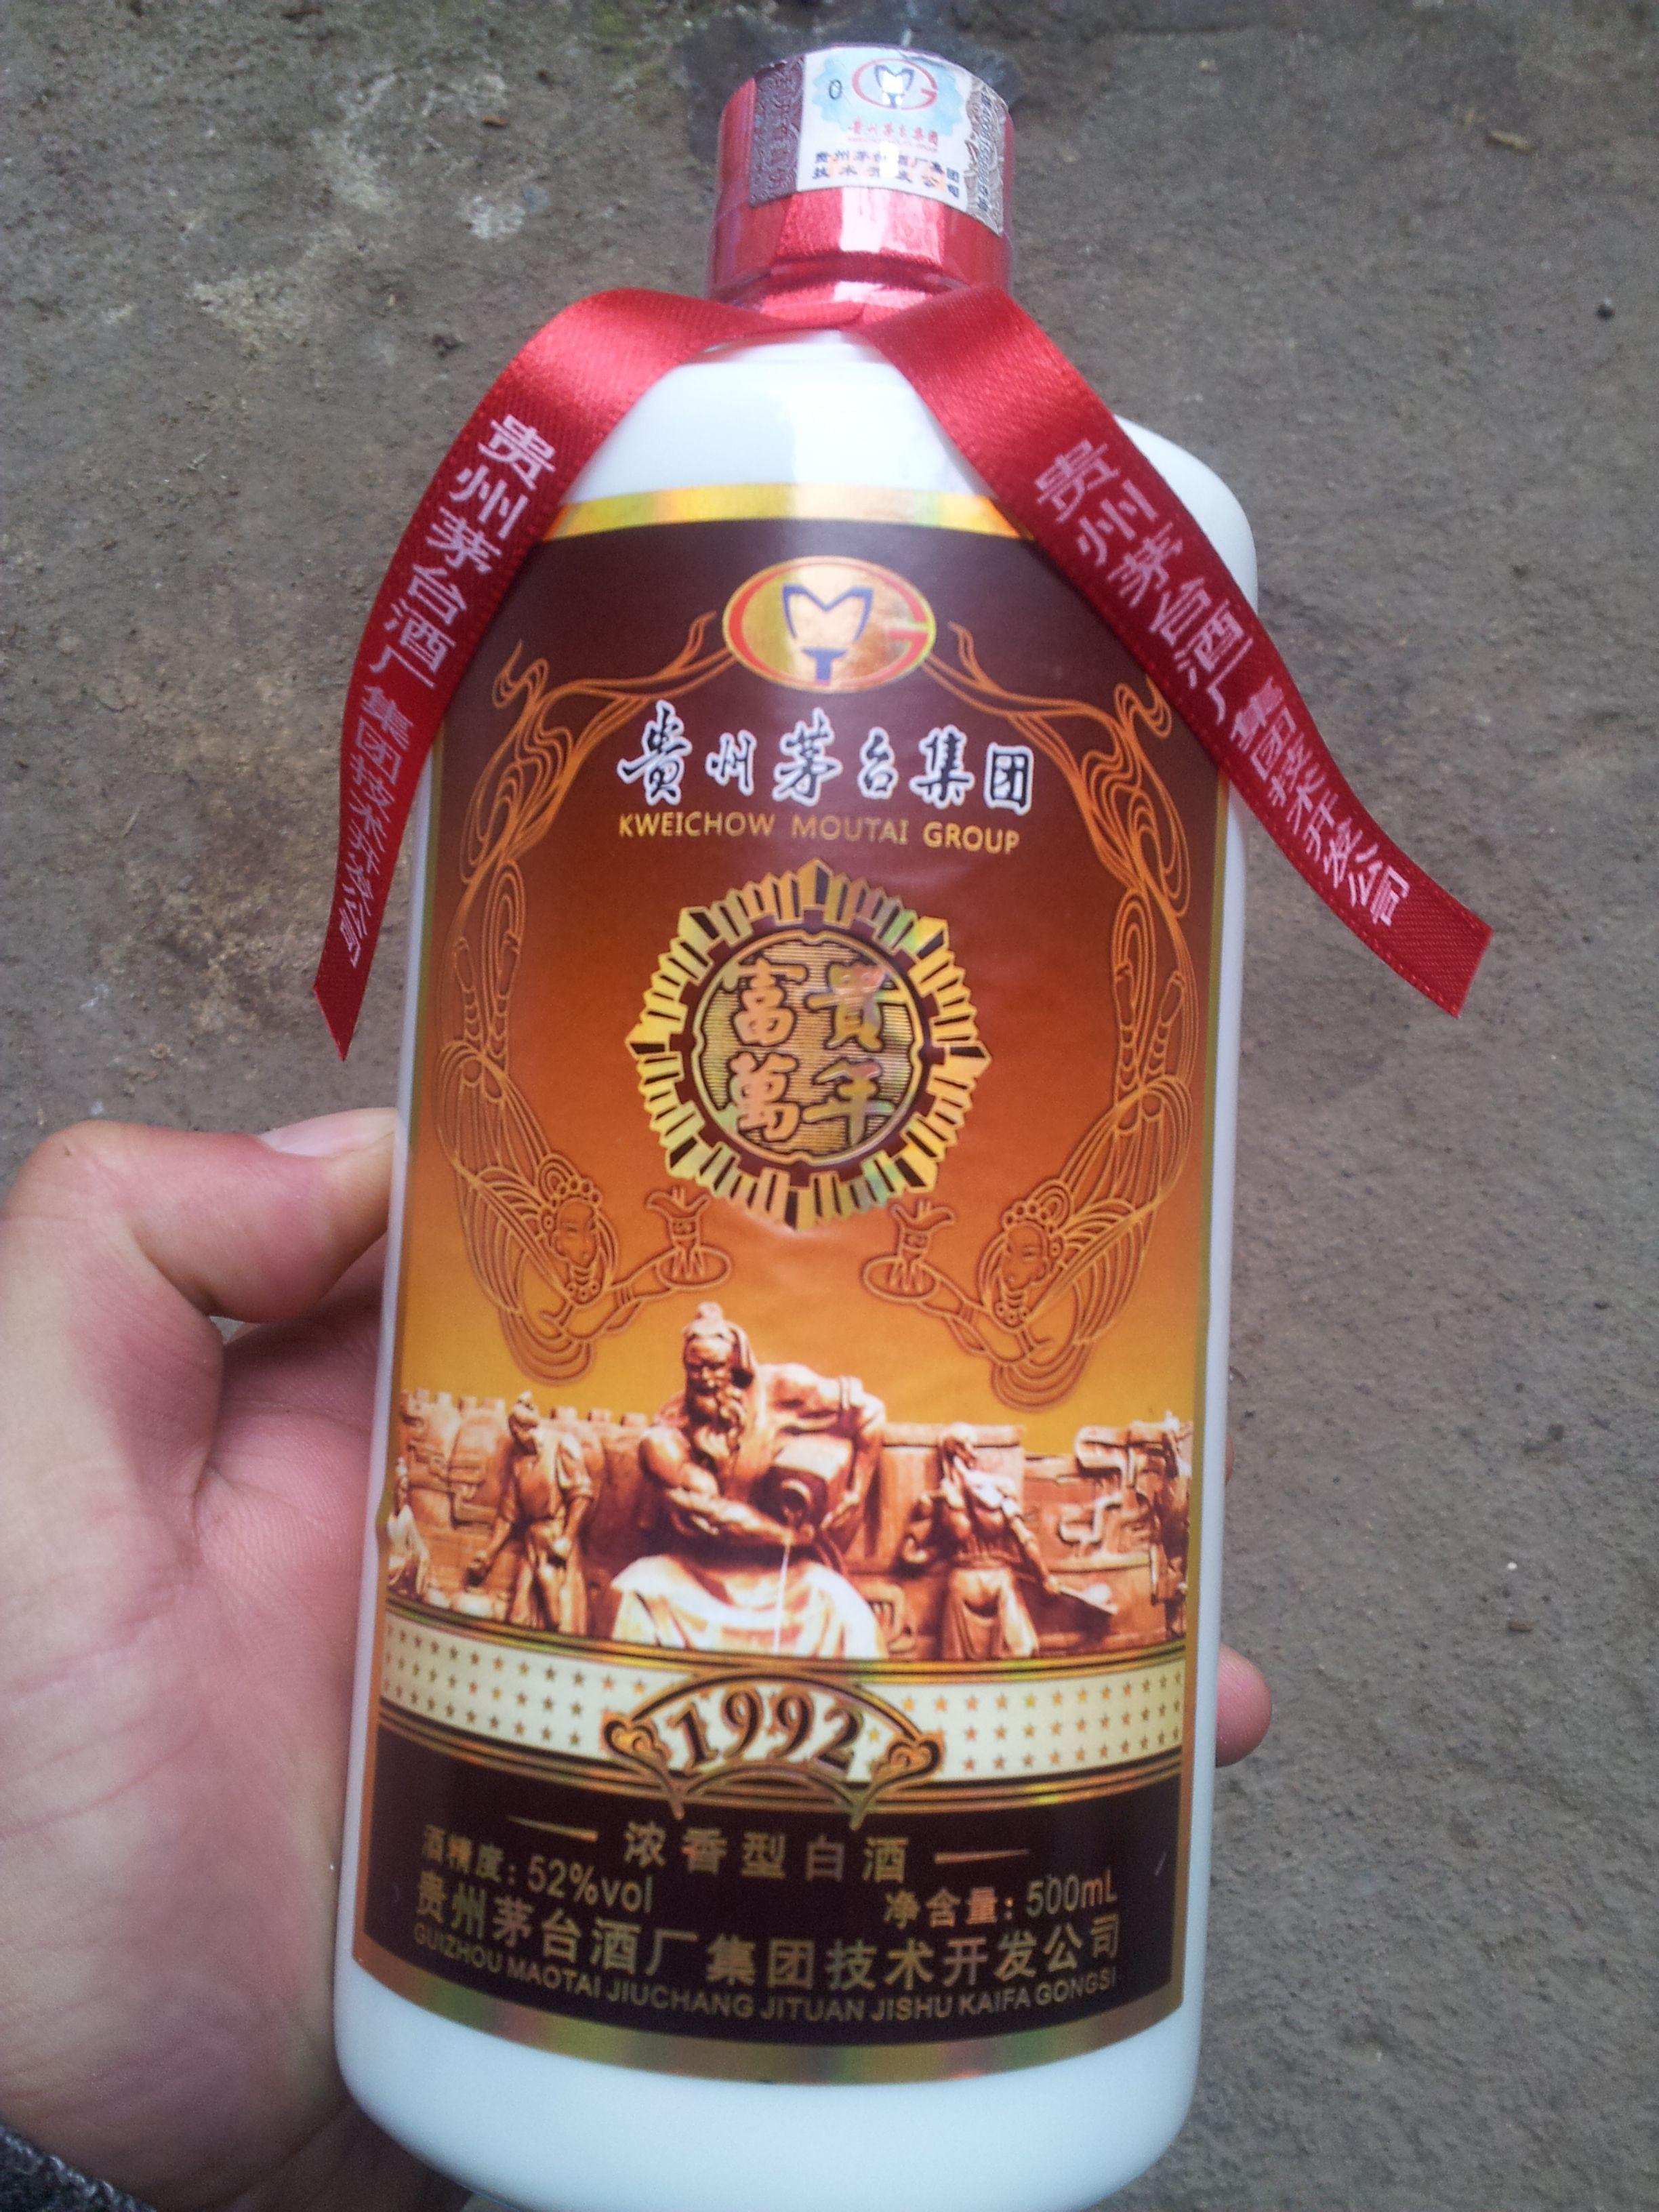 贵州茅台富贵吉祥酒_贵州茅台集团的富贵万年酒,是真的吗?_百度知道